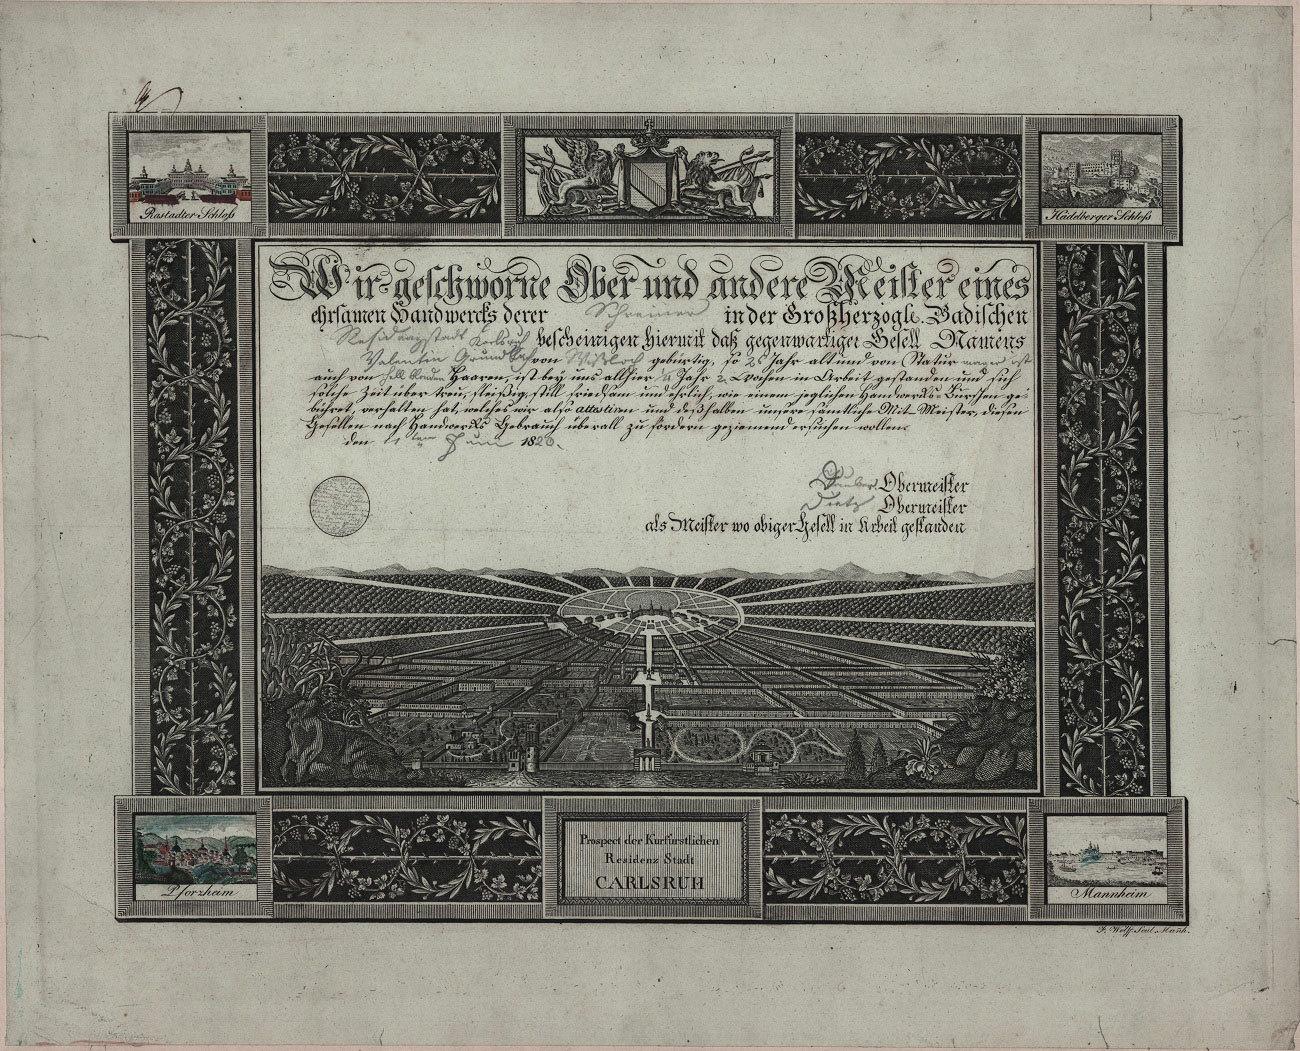 Gesellenbrief der Schreinerzunft von 1820